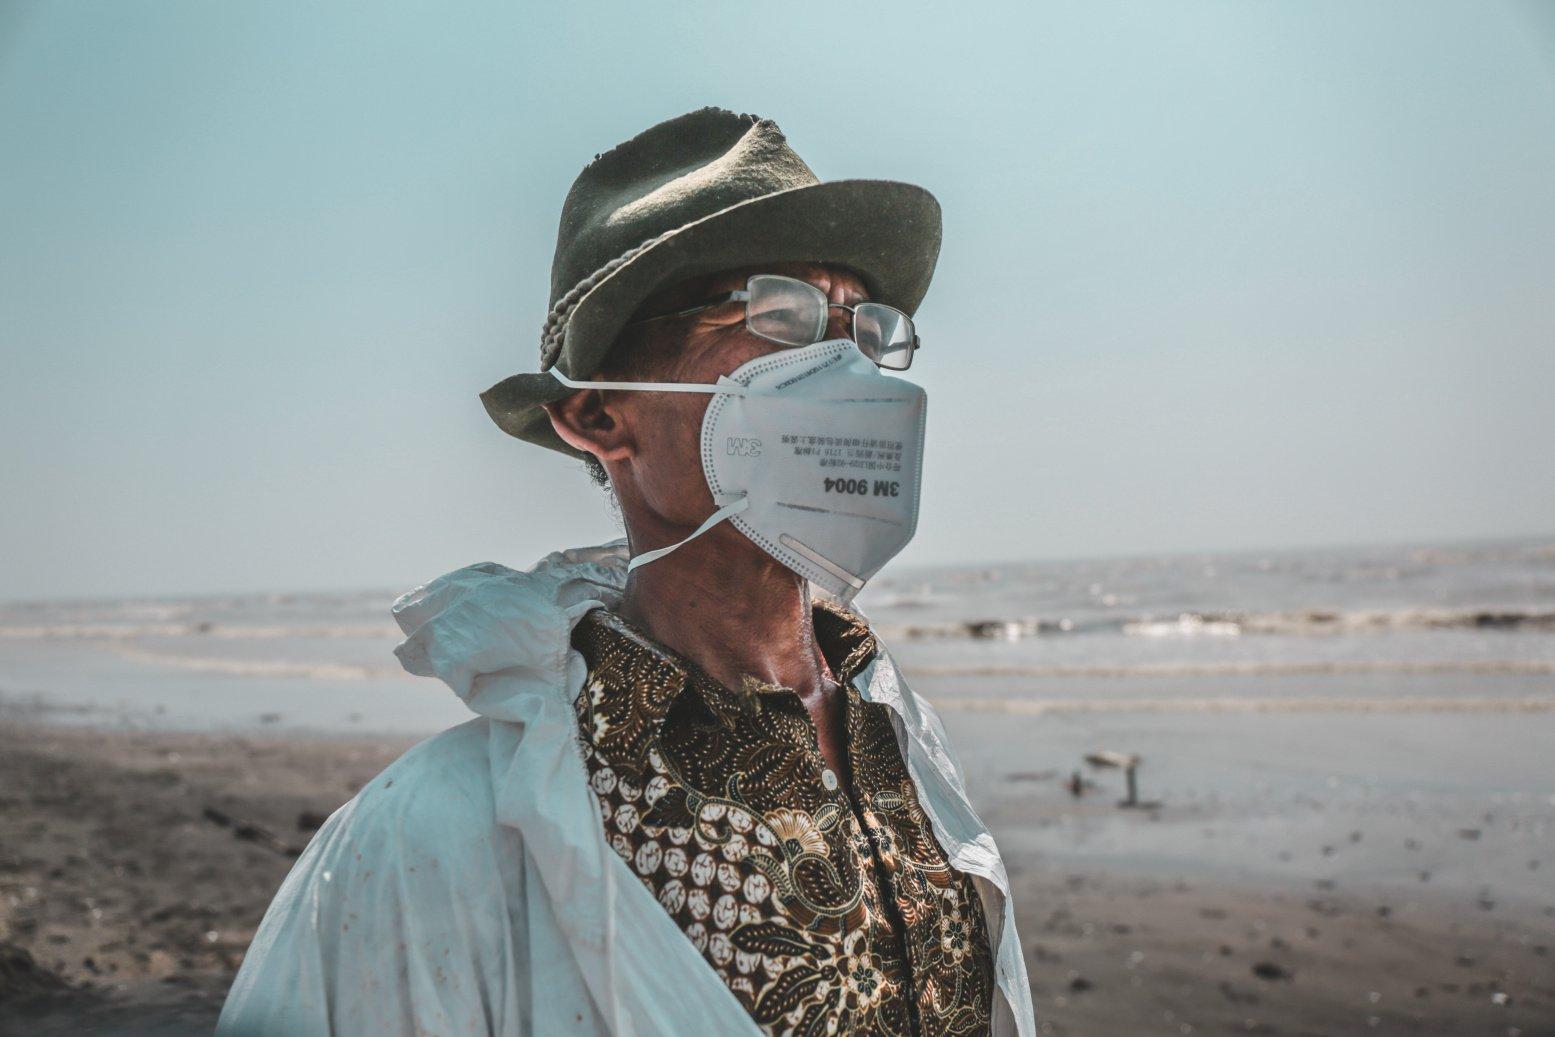 Sebenarnya, Hidayat seorang nelayan. Lelaki 58 tahun ini beralih pekerjaan sebagai pengumpul tumpahan minyak oil spill milik Pertamina di Pesisir Pantai Cemarajaya, Karawang, Jawa Barat, Jumat (2/8/2019). Dia dibayar Rp 100 ribu dan satu bungkus nasi per hari.